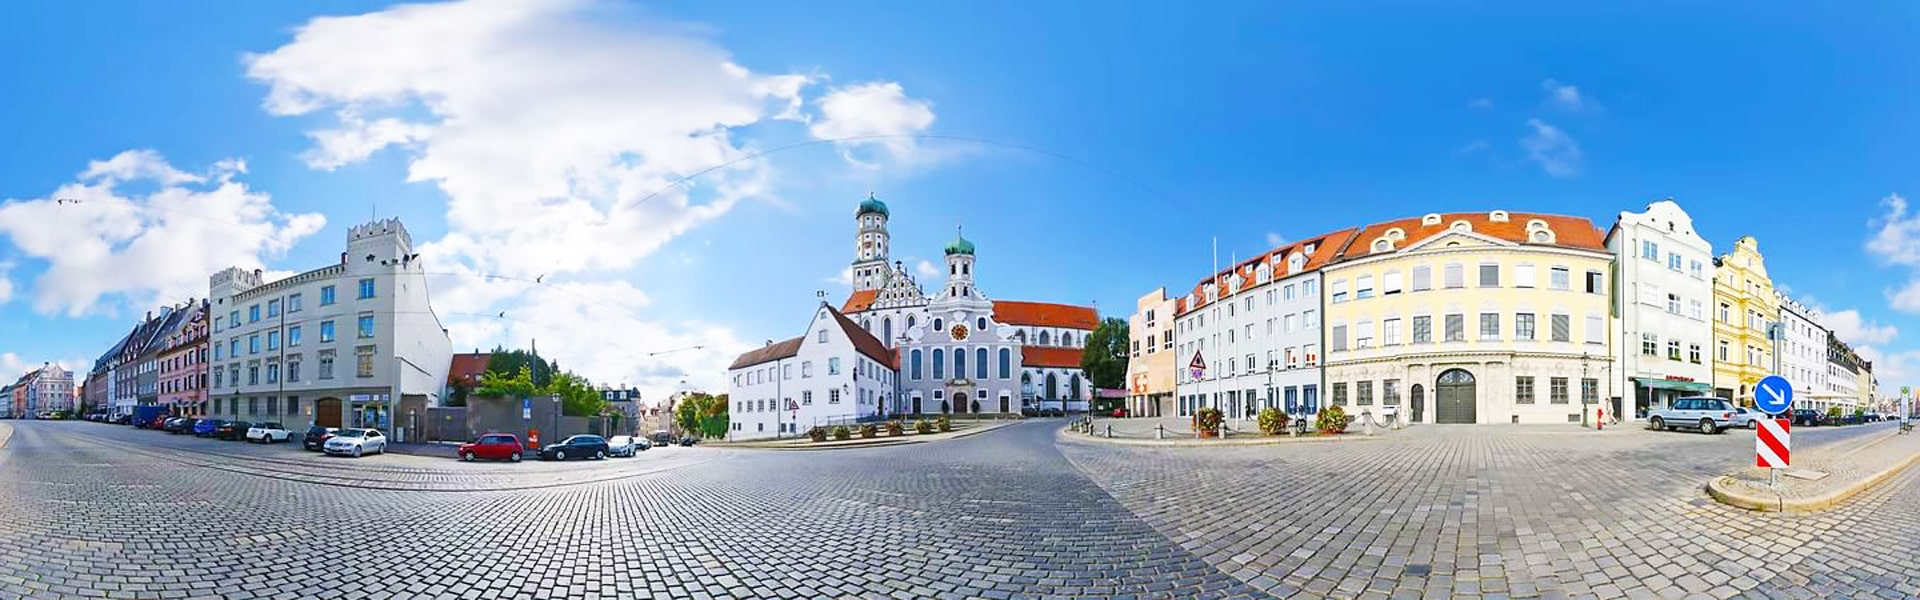 Campamento de verano con curso de alemán en Augsburgo, Alemania